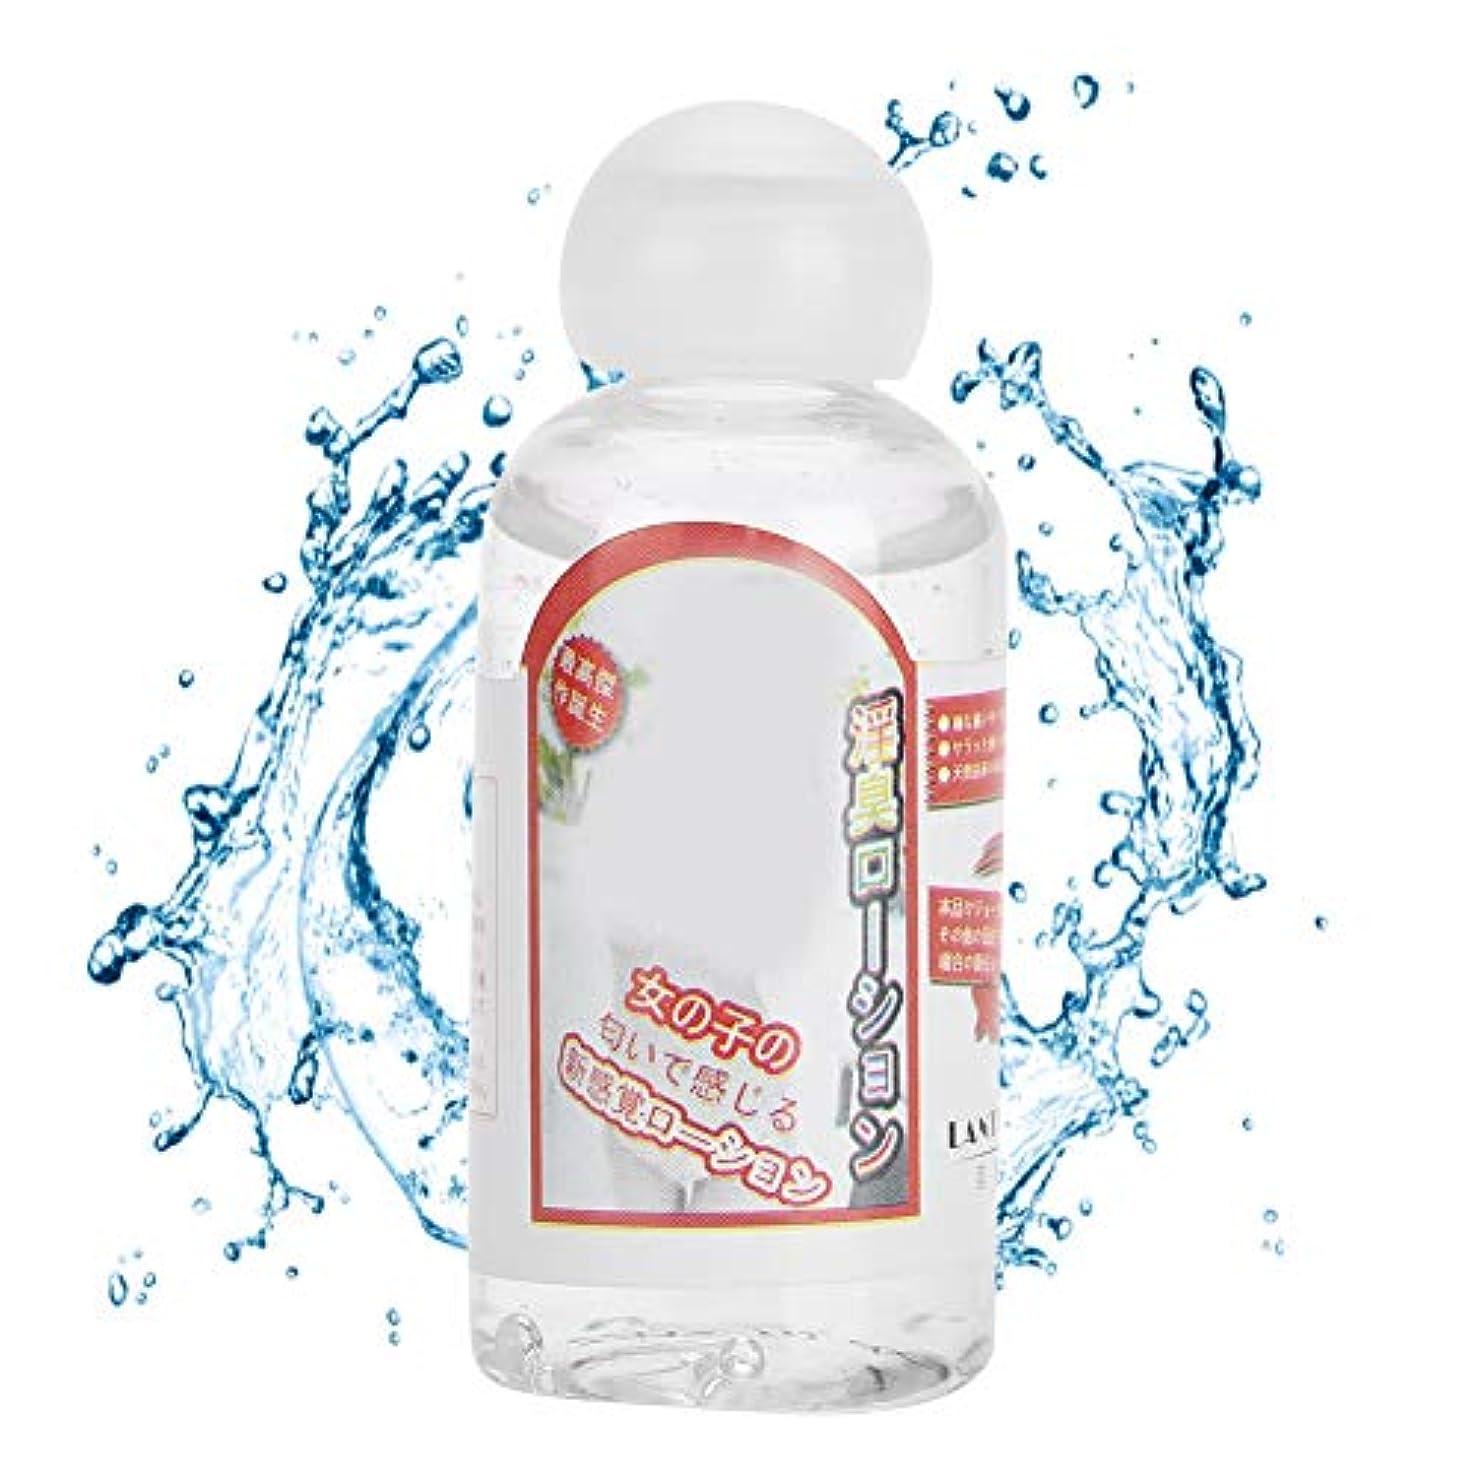 なる非常に比較女性用プライベート保湿エッセンシャルオイル、安全肌用栄養マッサージオイル、栄養補給、滑らかな肌